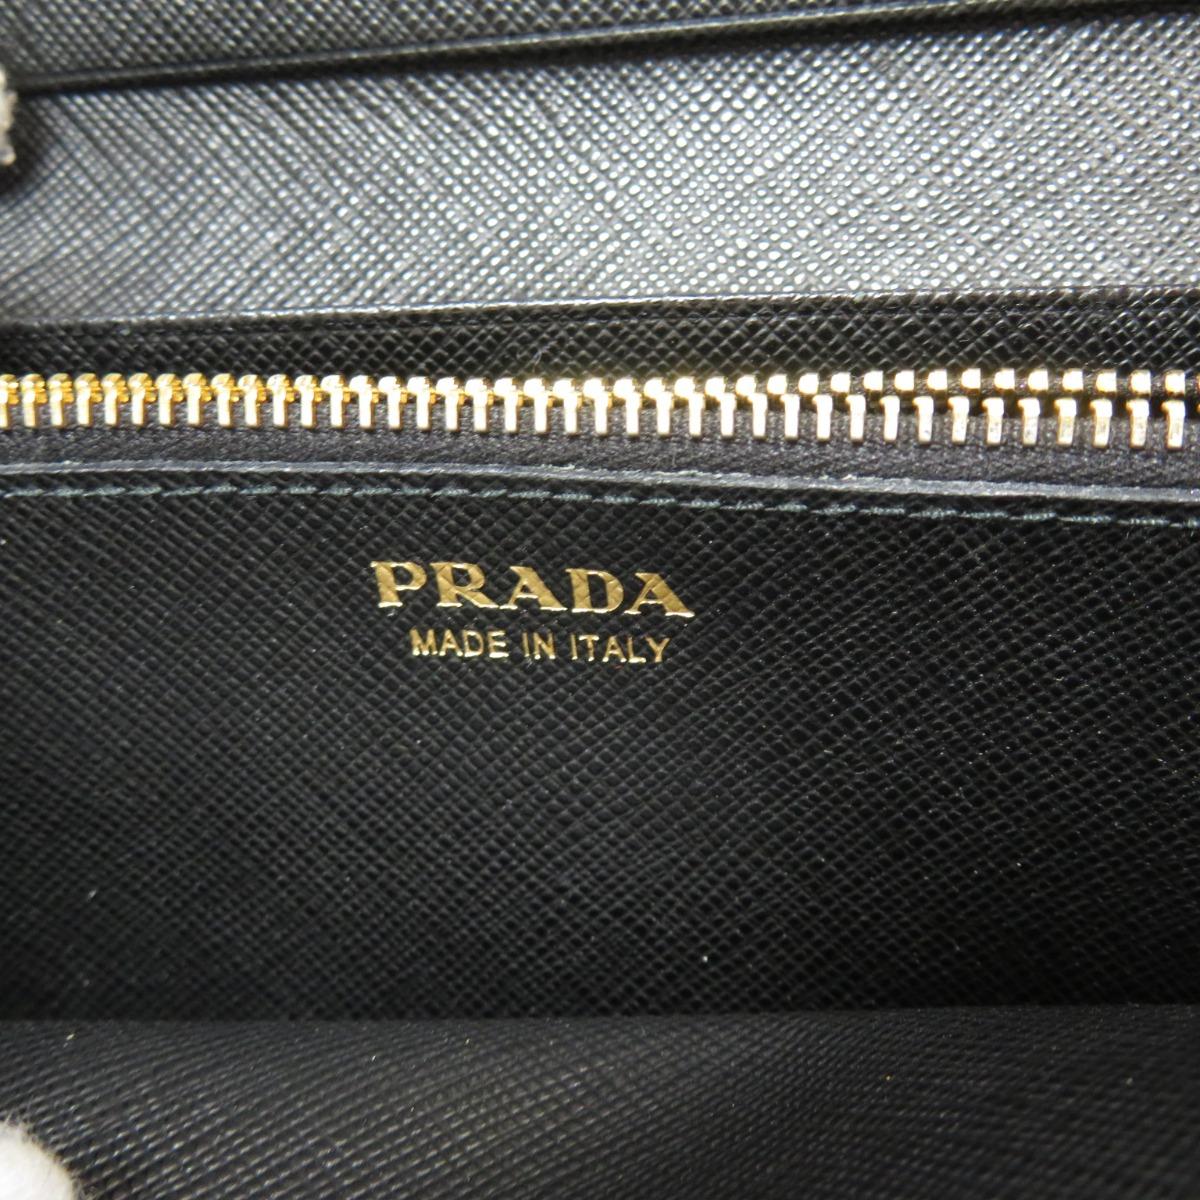 プラダ 1MH132 リボンモチーフ サフィアーノ 長財布 小銭入れありレザー レディースPRADAdxoeCB